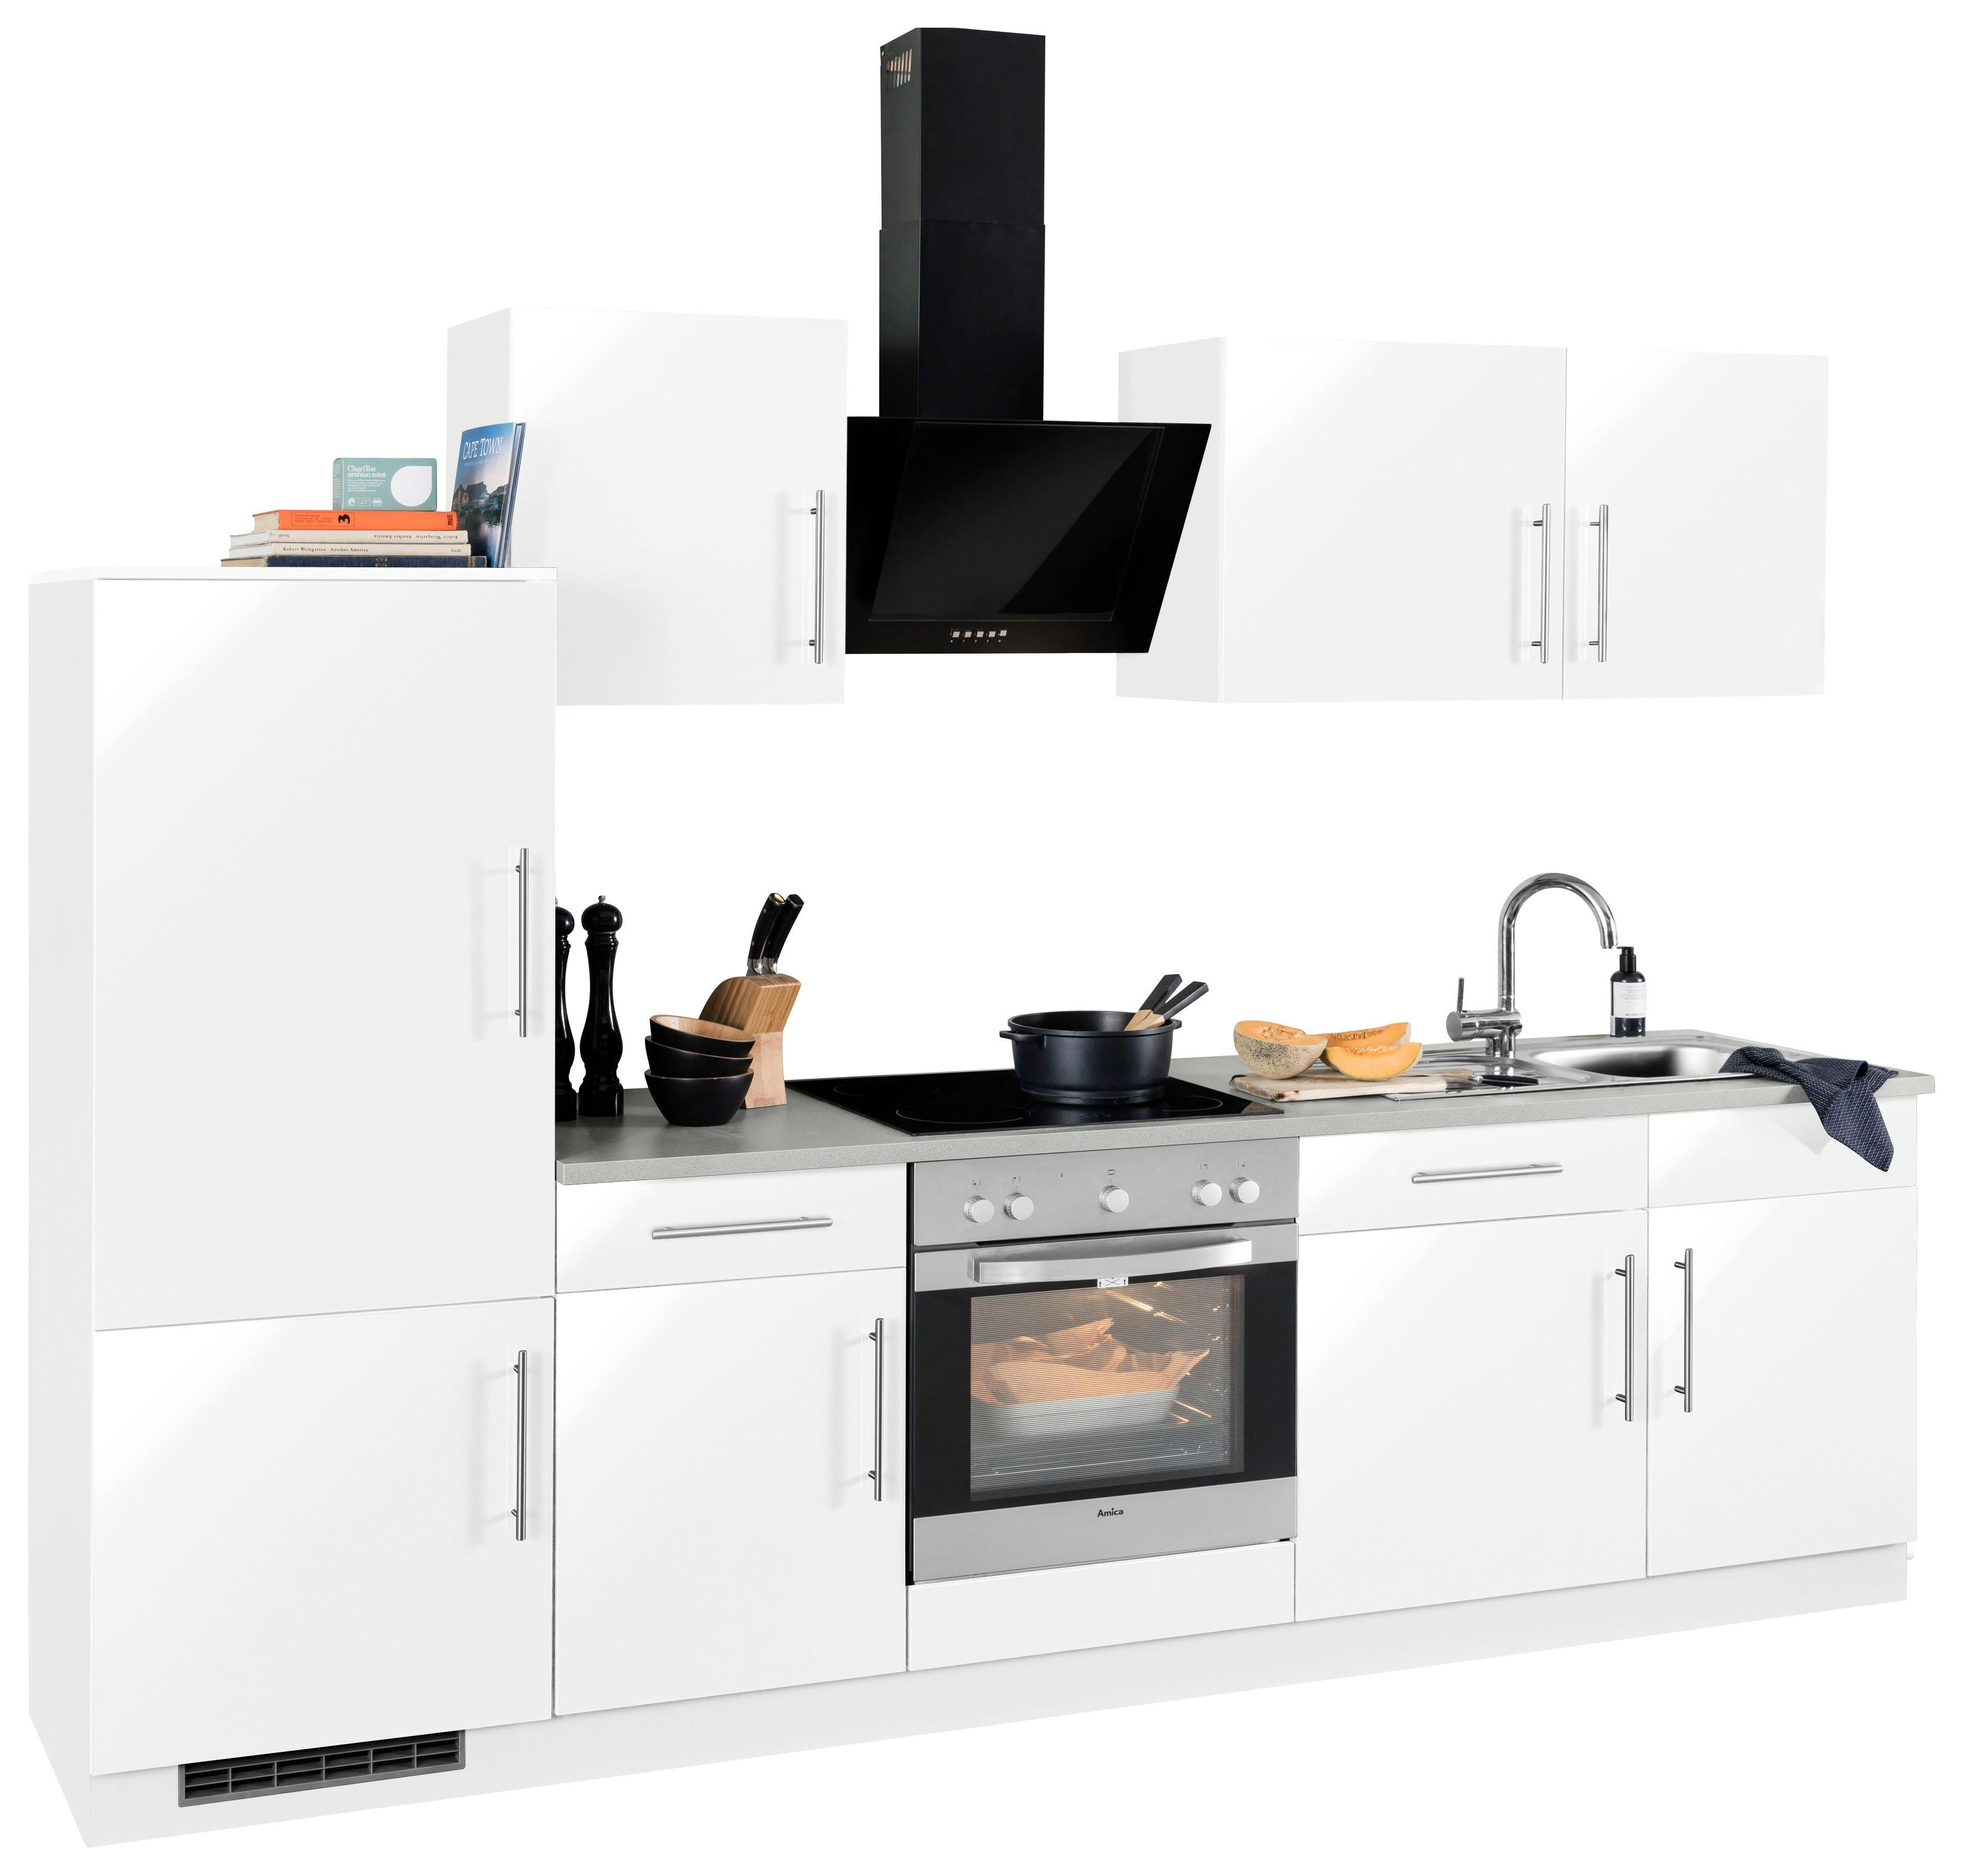 Gemütlich Küchenarbeitsplatten Denver Zeitgenössisch - Küche Set ...